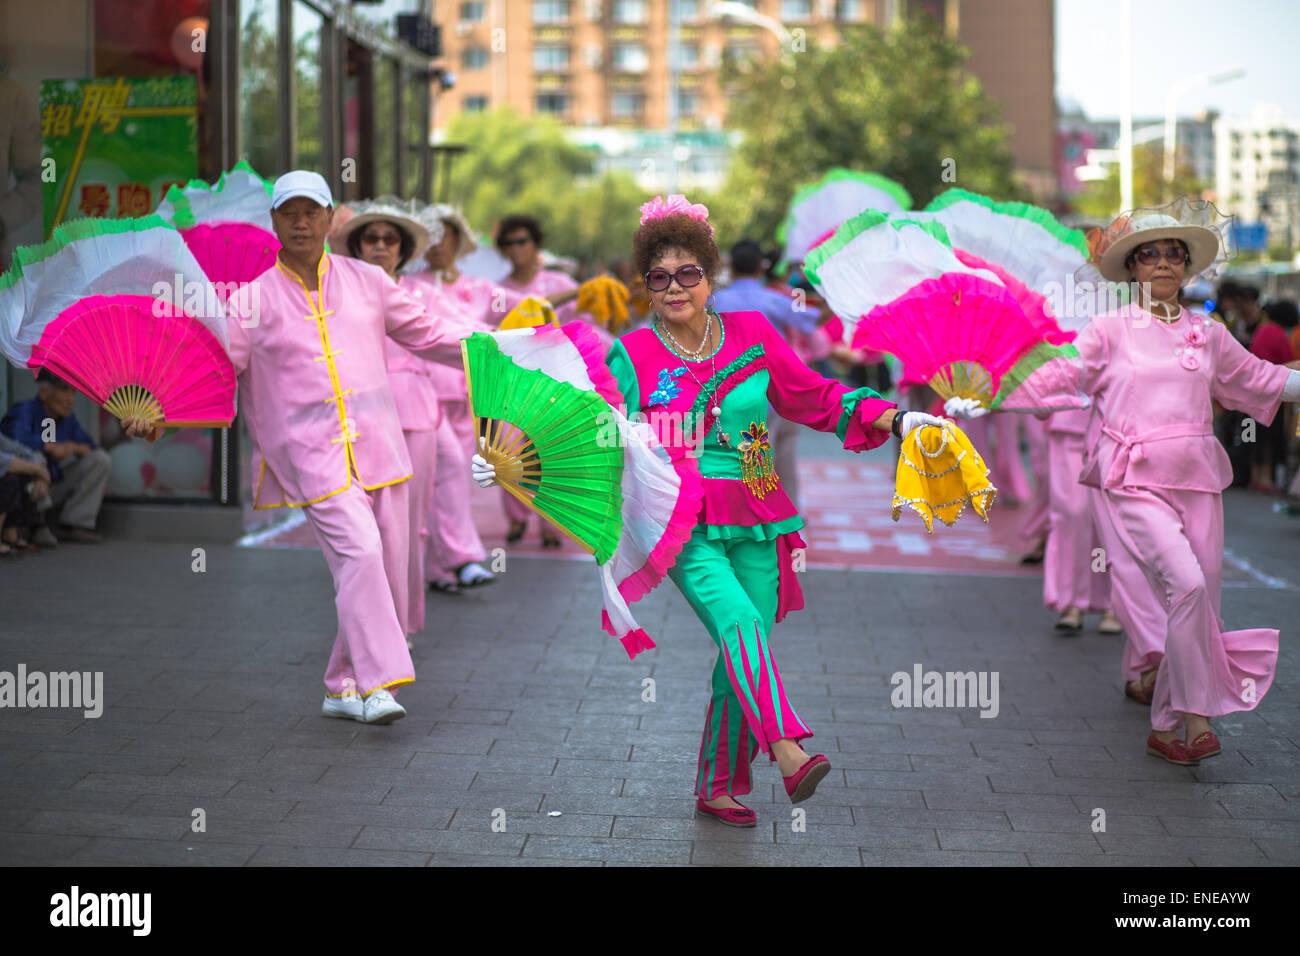 Chinesische Tanten tanzen auf der Straße Stockbild